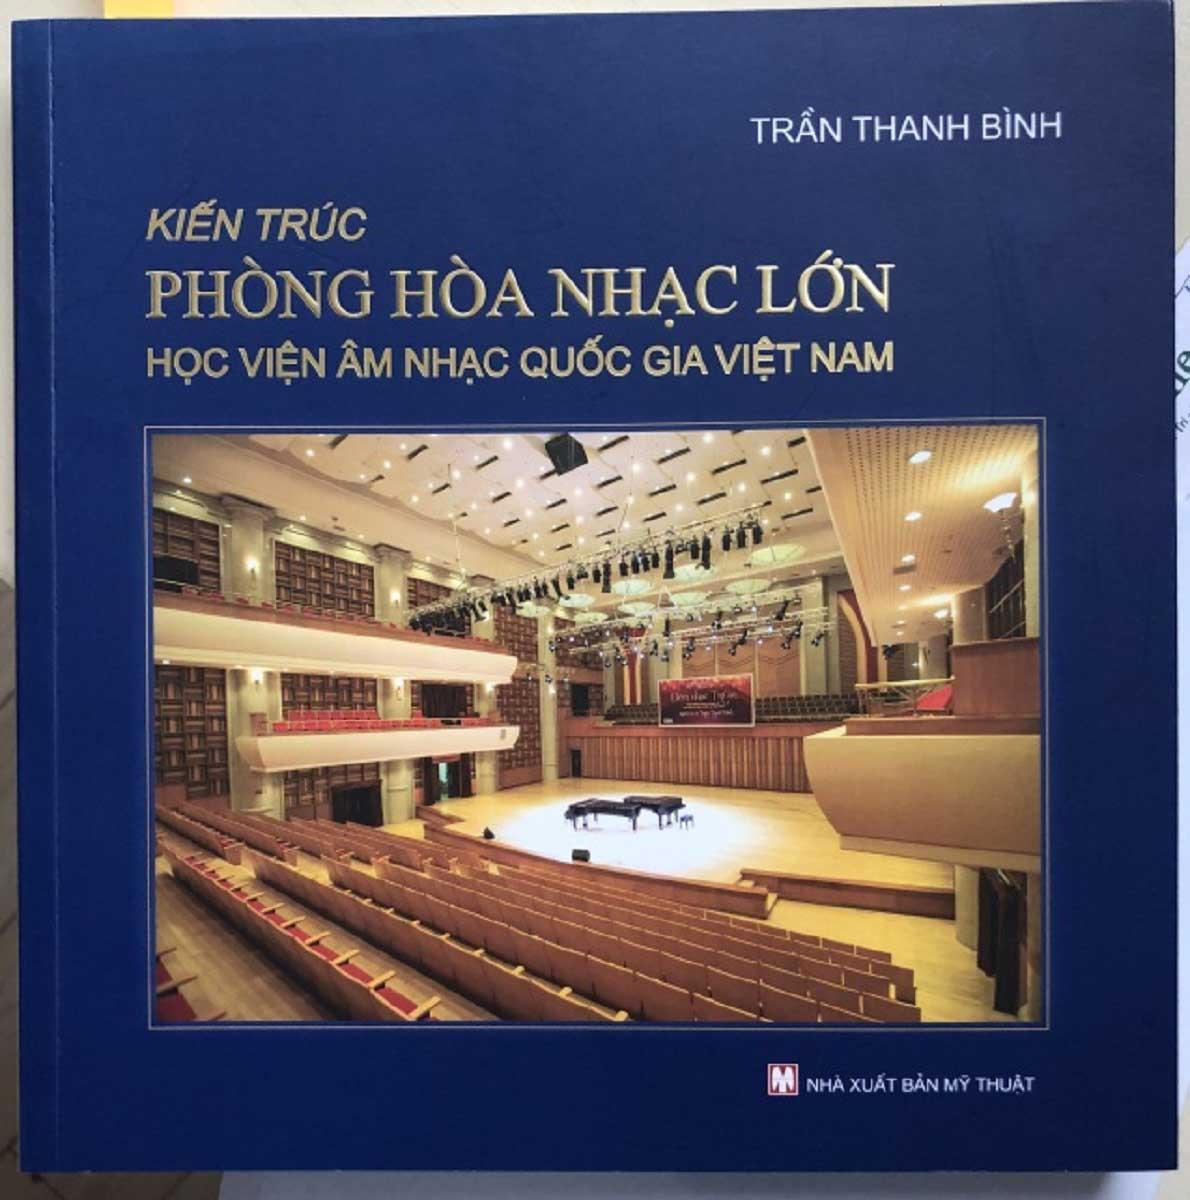 Bìa sách Phòng Hòa nhạc Lớn - Học viện Âm nhạc Quốc gia Việt Nam (2014)